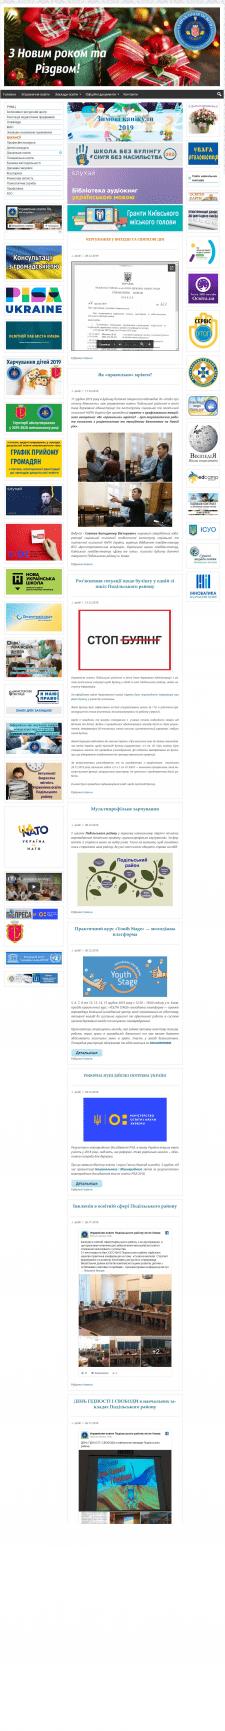 Управління Освіти Подільського району м. Києва